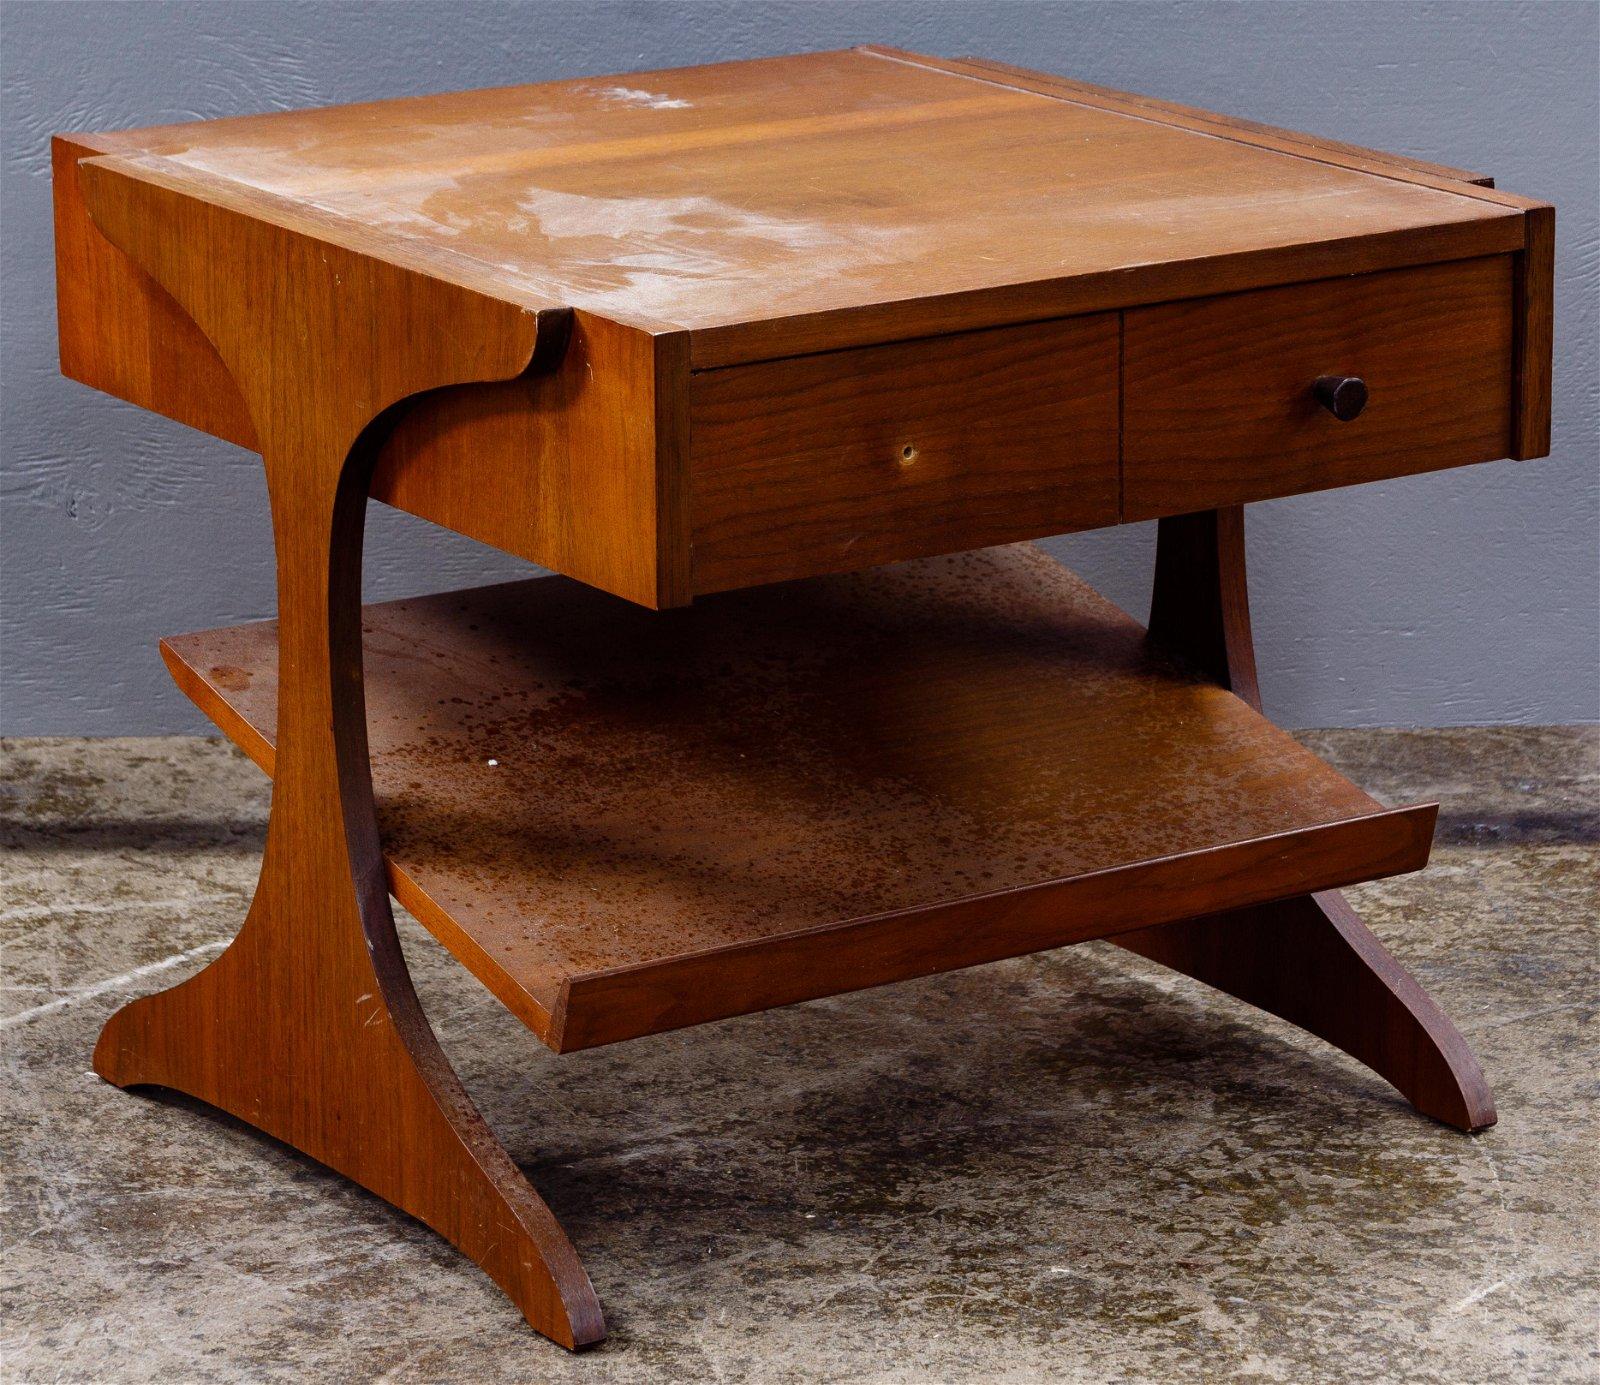 Kroehler MCM Teak End Table